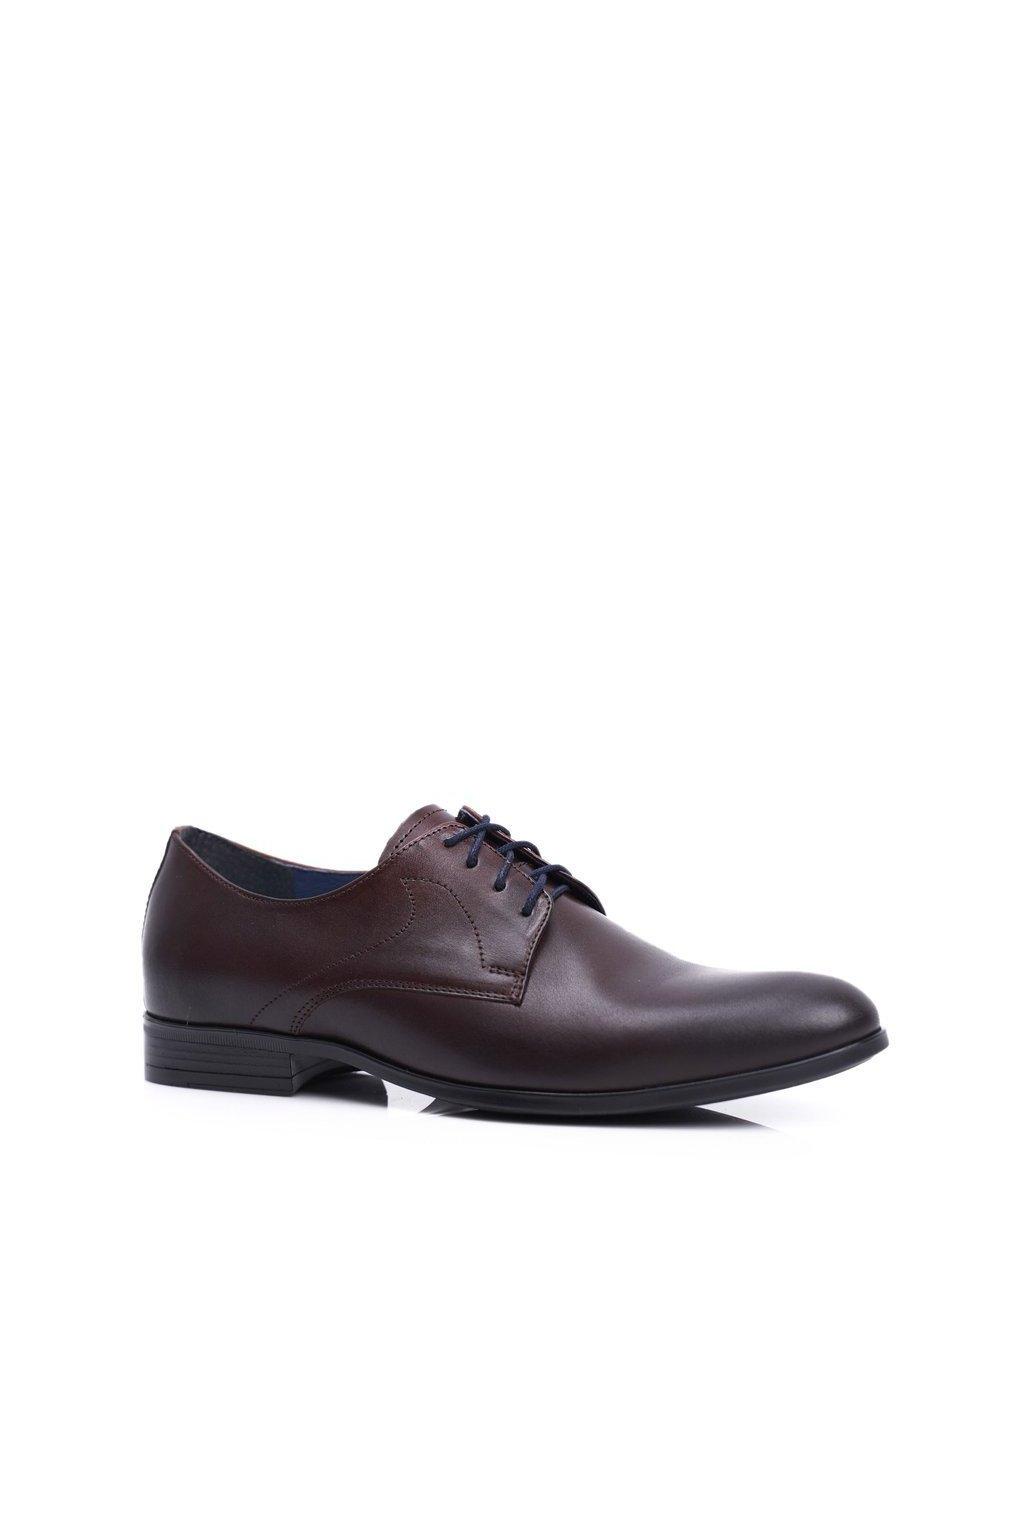 Pánske poltopánky farba hnedá kód obuvi 1735 D.BROWN BC.27